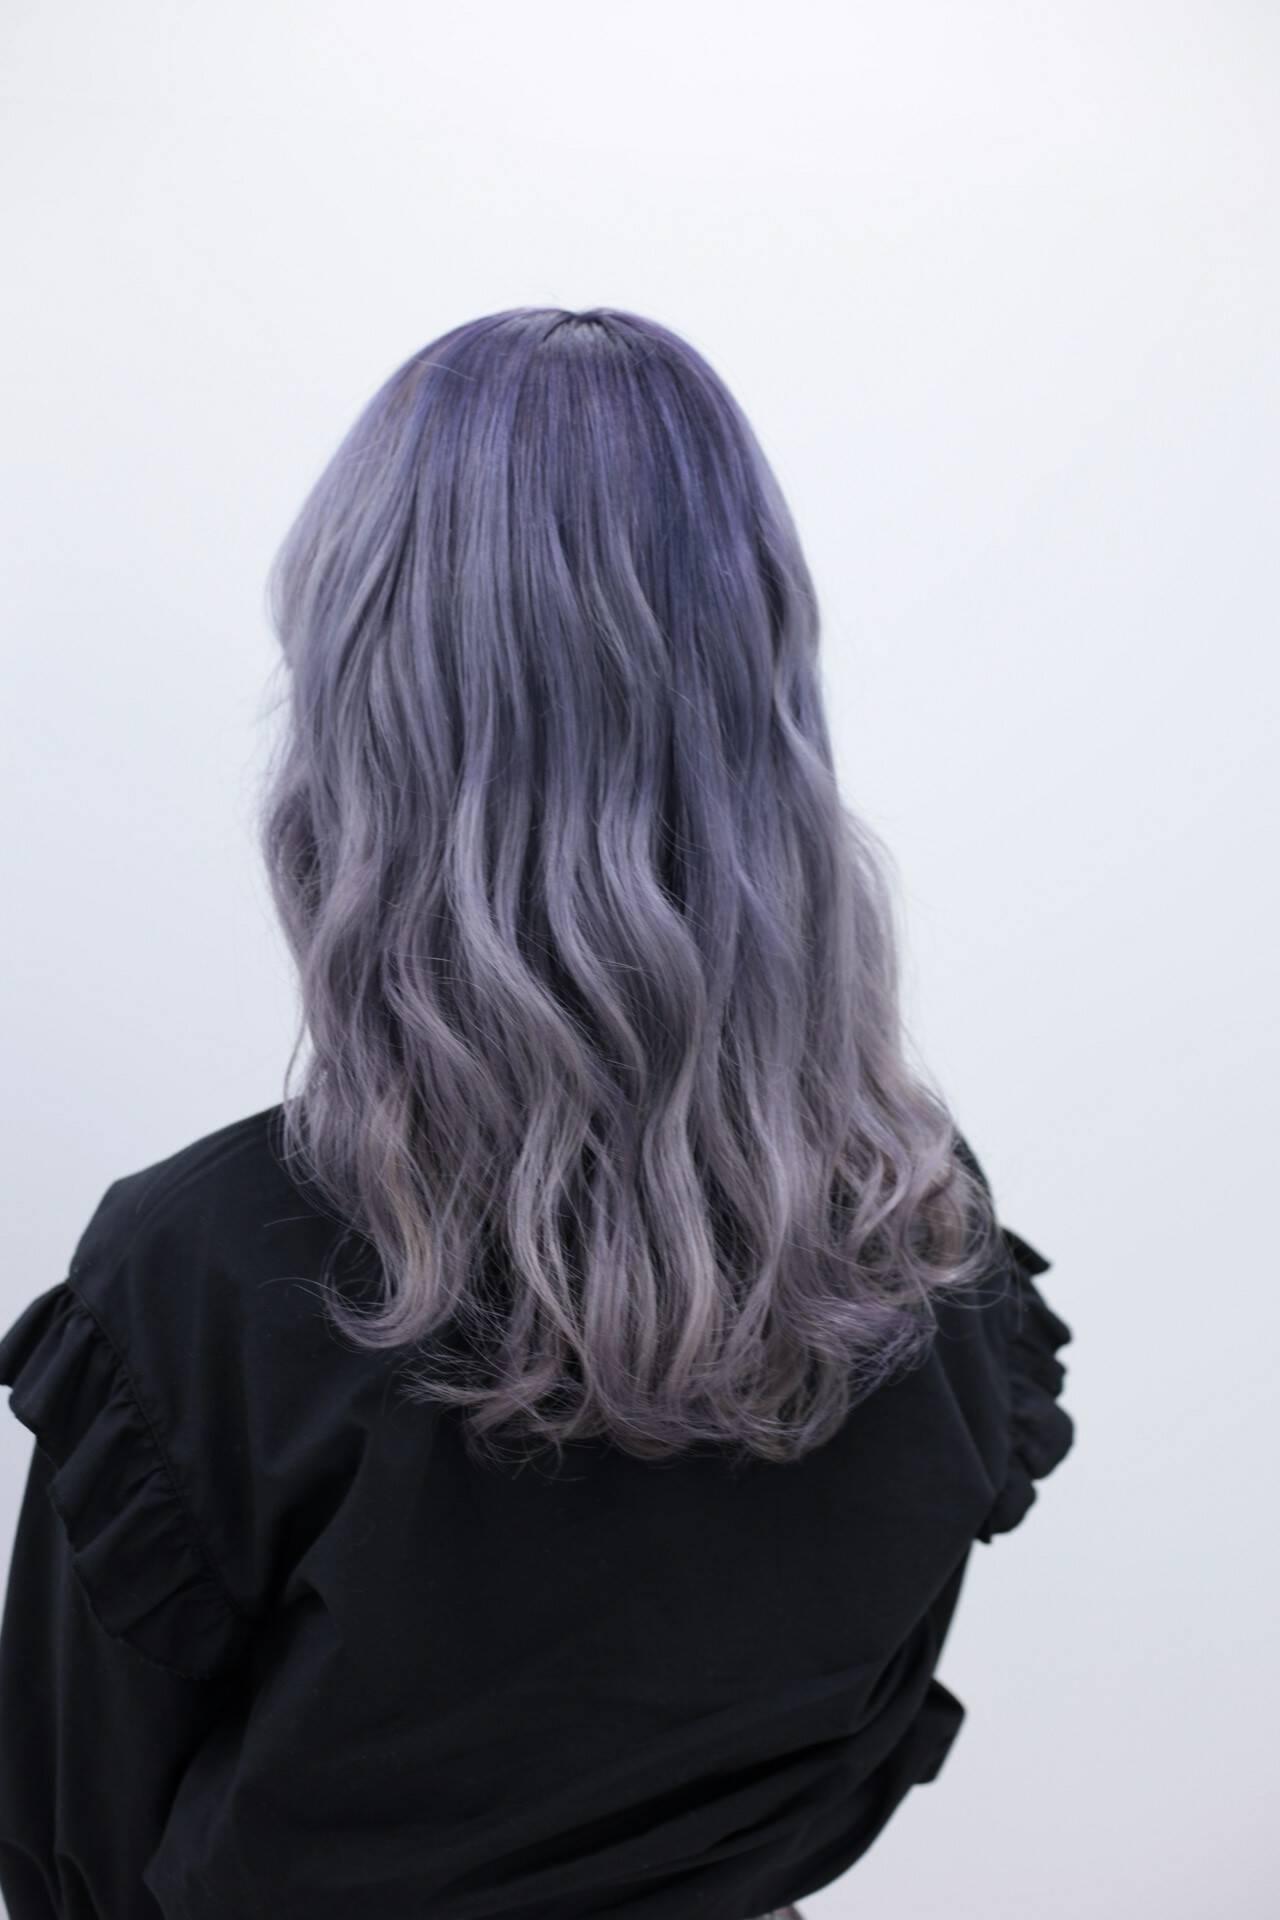 ハイトーン ラベンダーアッシュ セミロング ストリートヘアスタイルや髪型の写真・画像